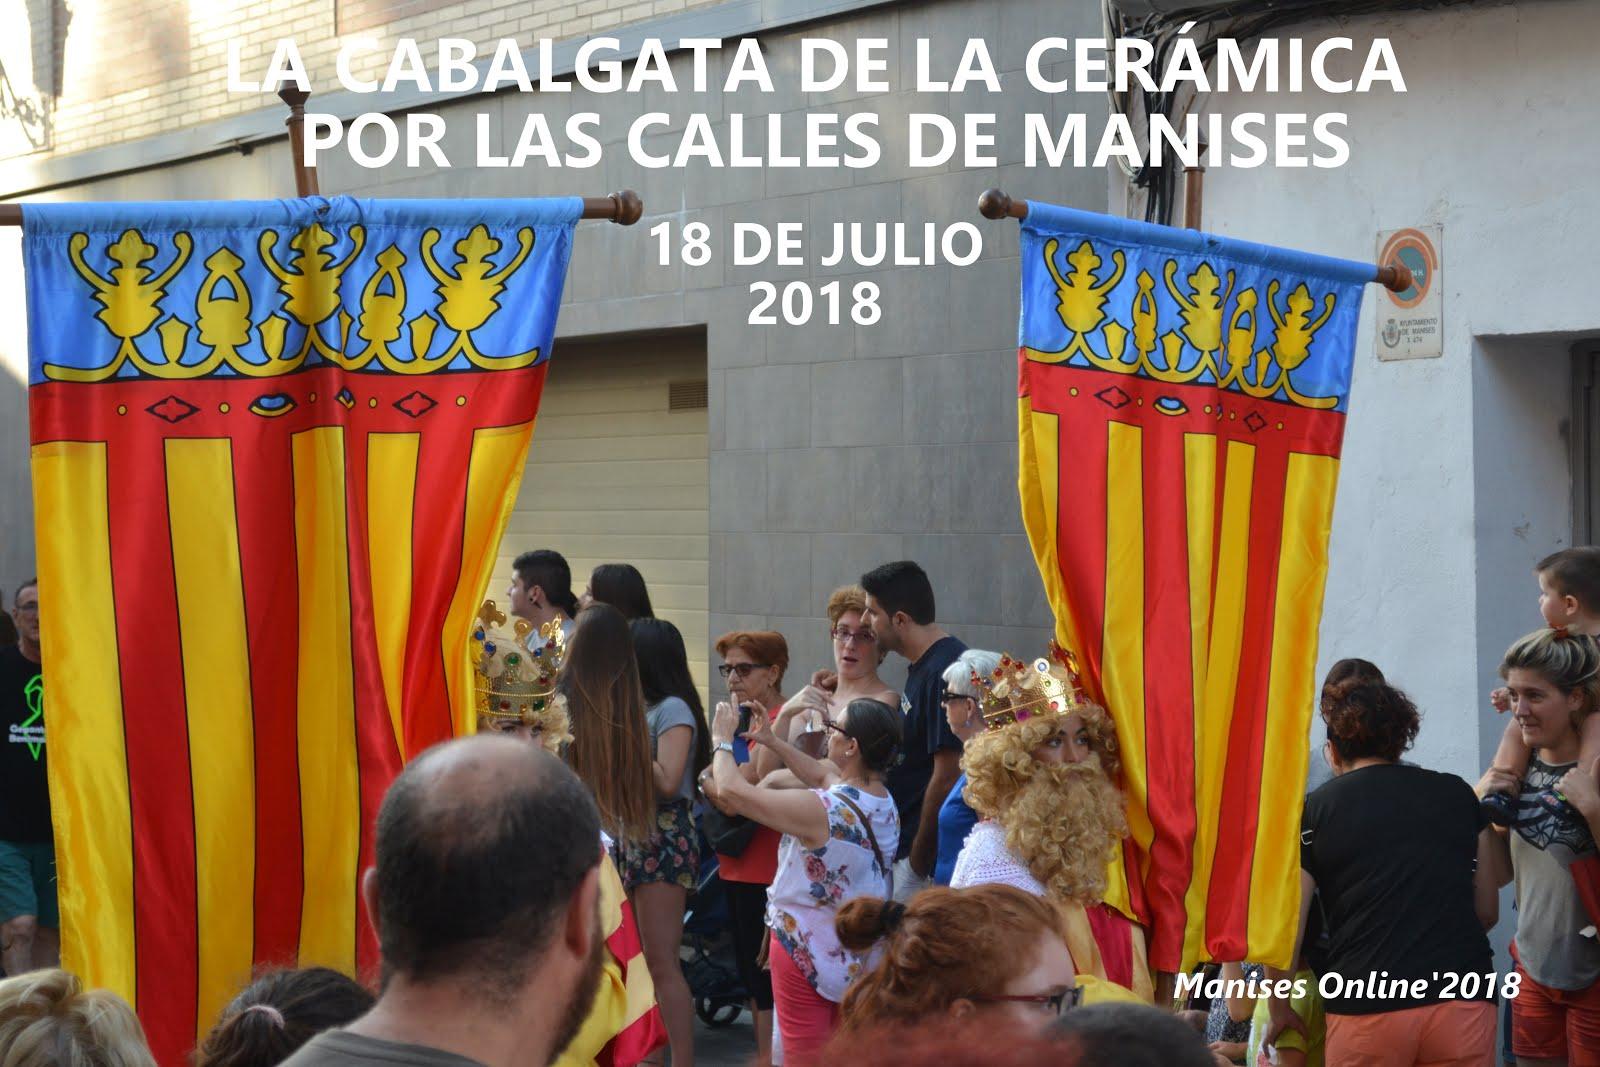 18.07.18 LA CABALGATA DE LA CERÁMICA LLENA LAS CALLES DE MANISES